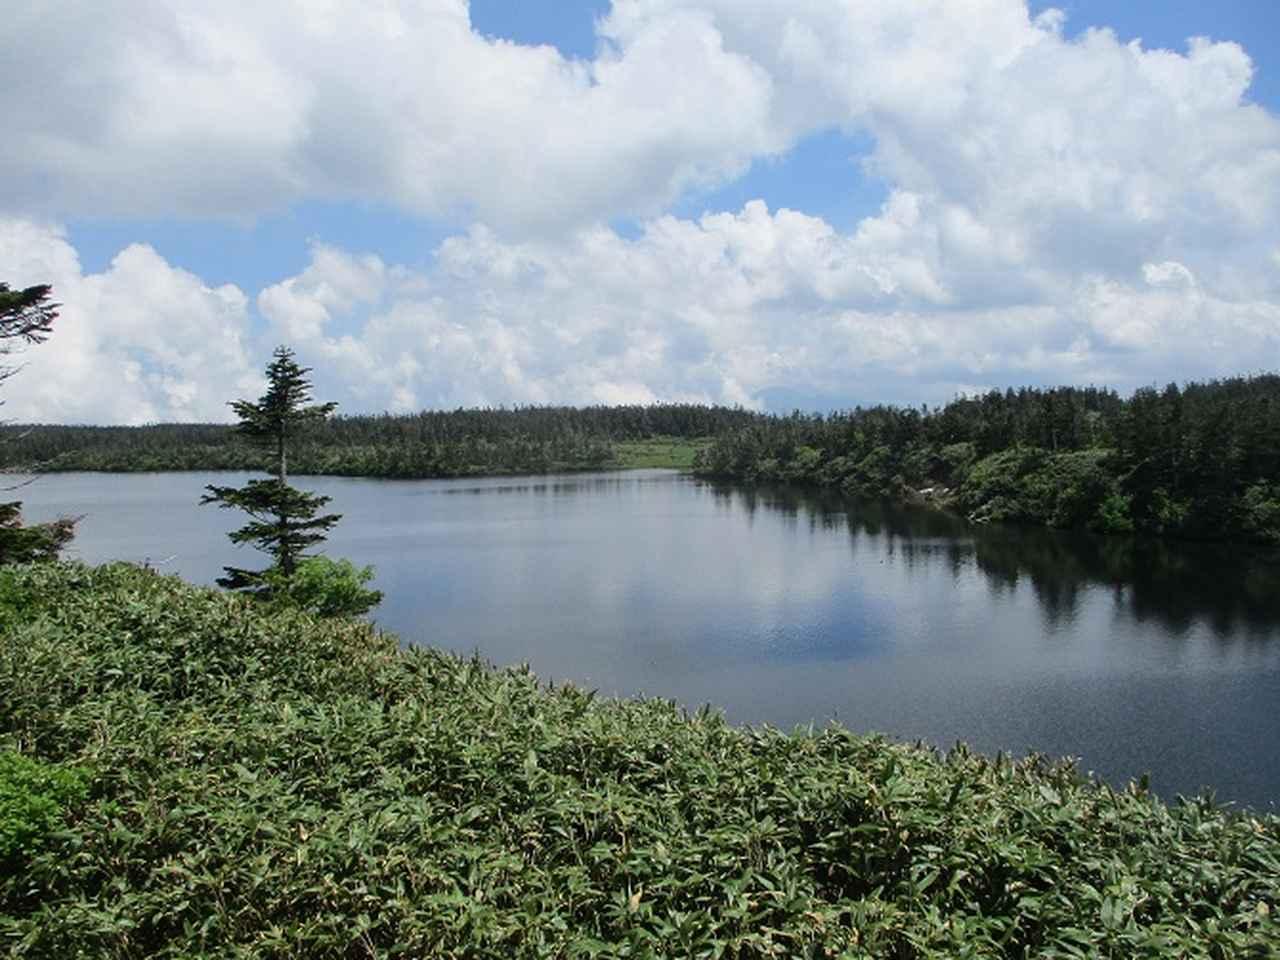 画像8: 7月の山旅会「八幡平・八甲田山・森吉山」のツアーの下見に行ってきました!